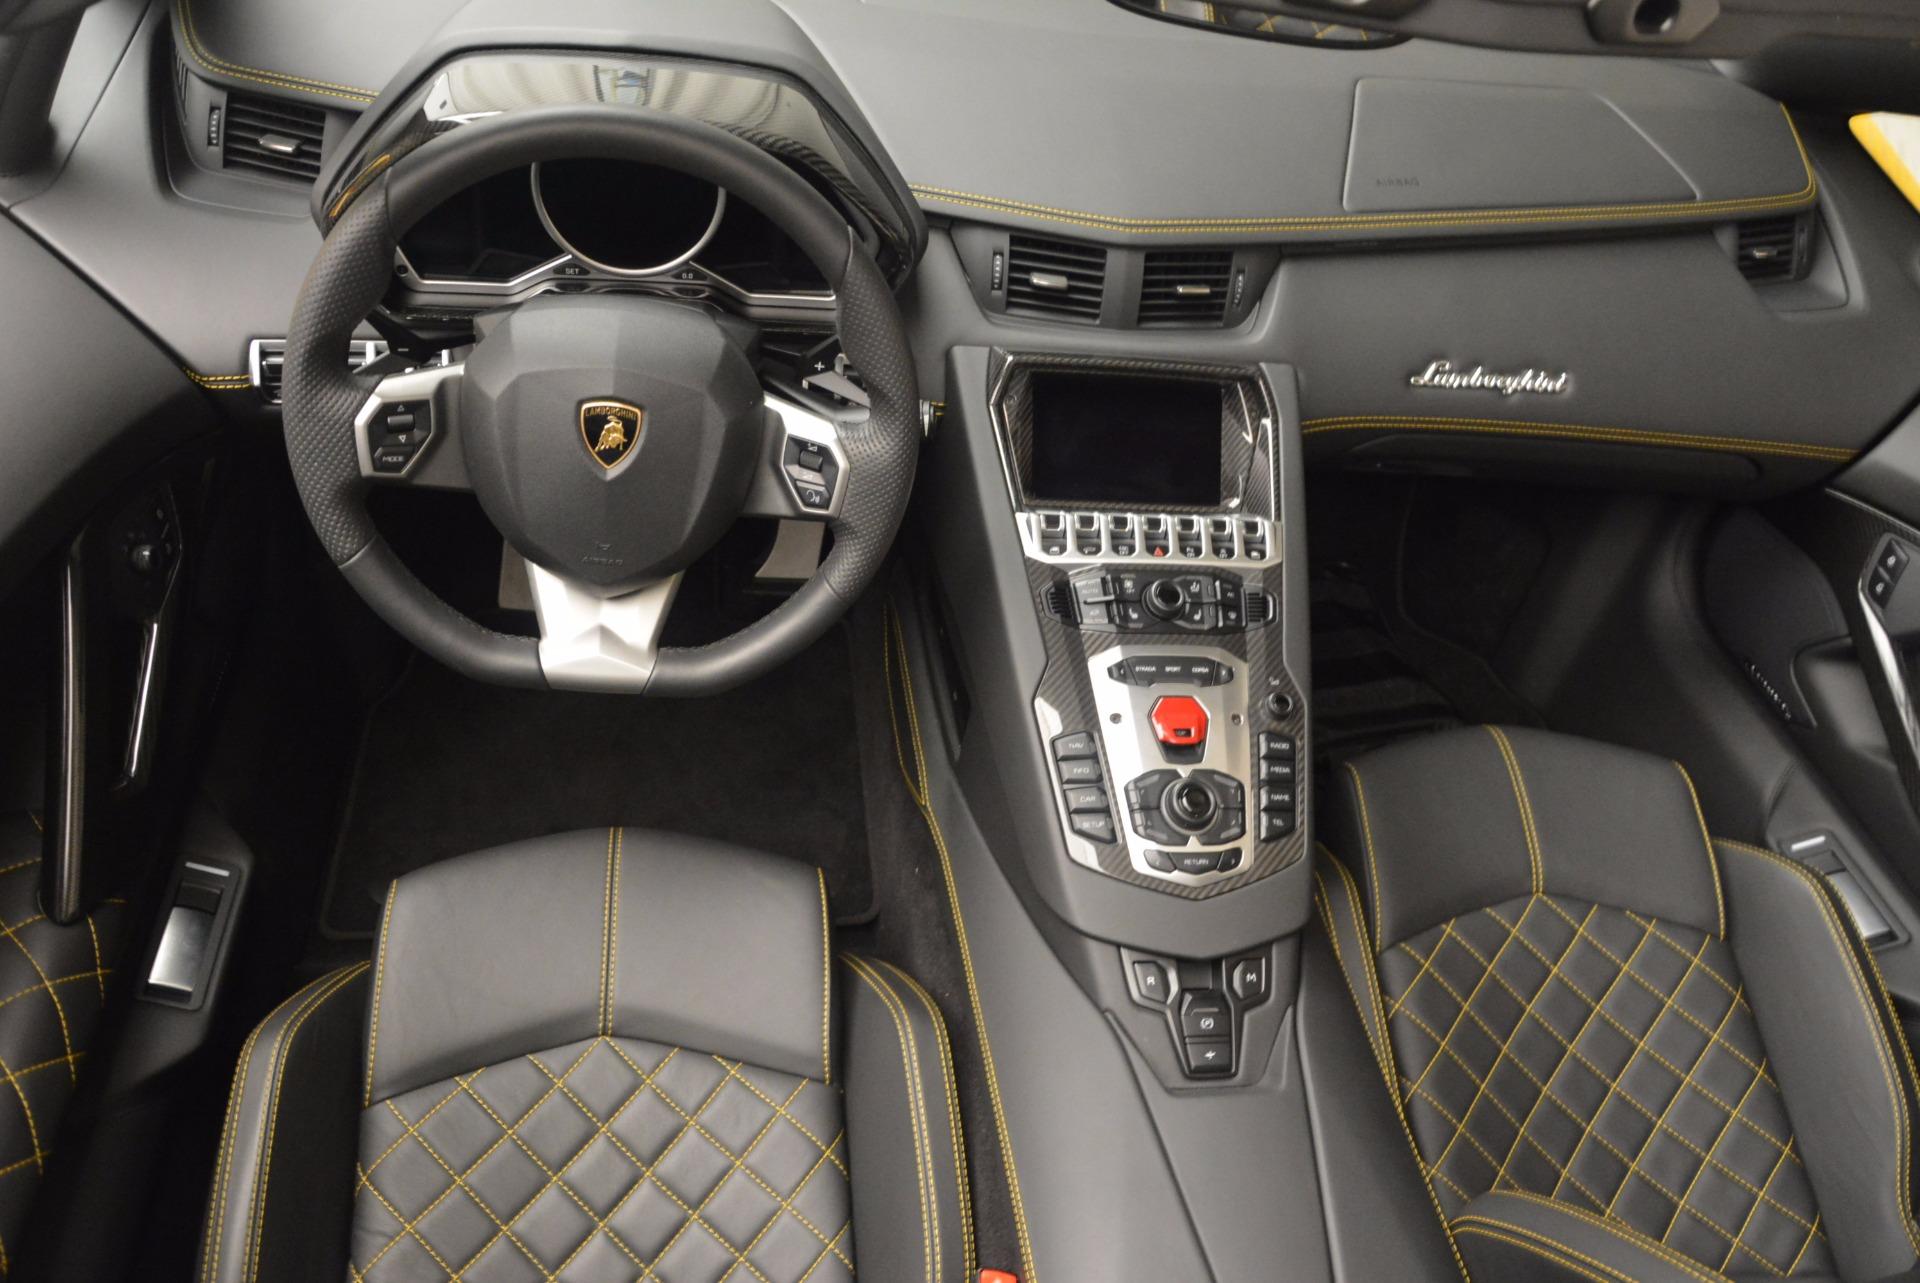 Used 2015 Lamborghini Aventador LP 700-4 Roadster For Sale In Greenwich, CT 1774_p16